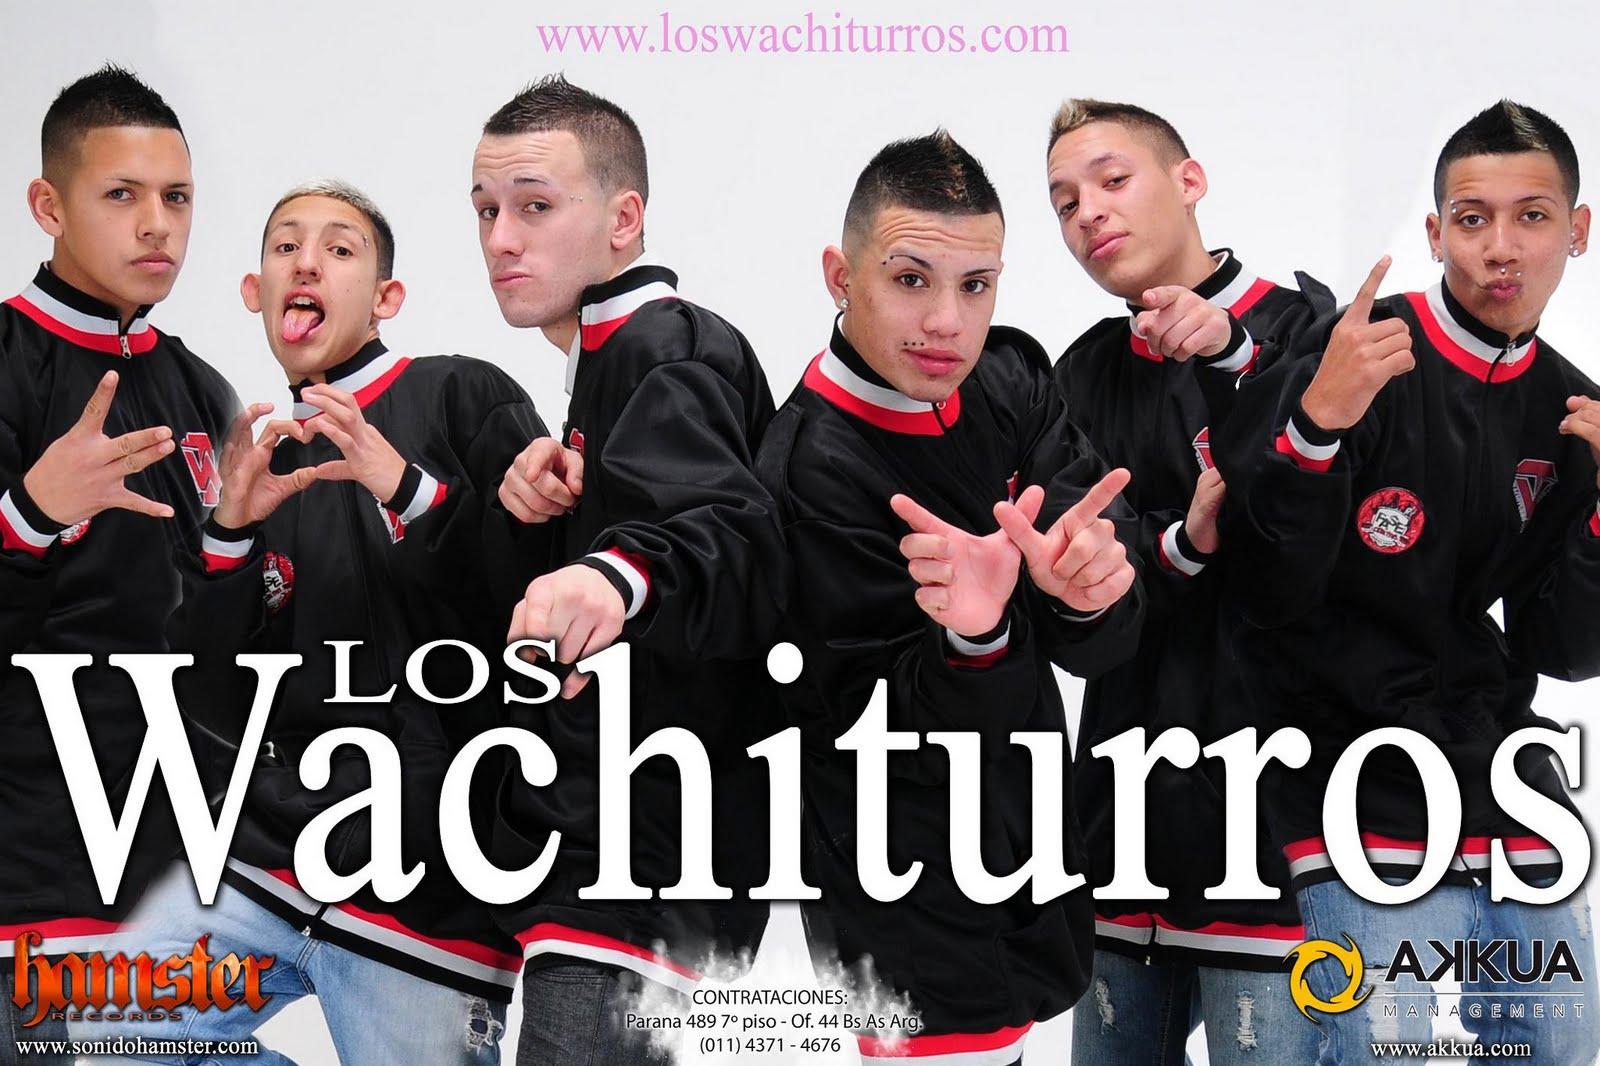 LOS wuachiturros